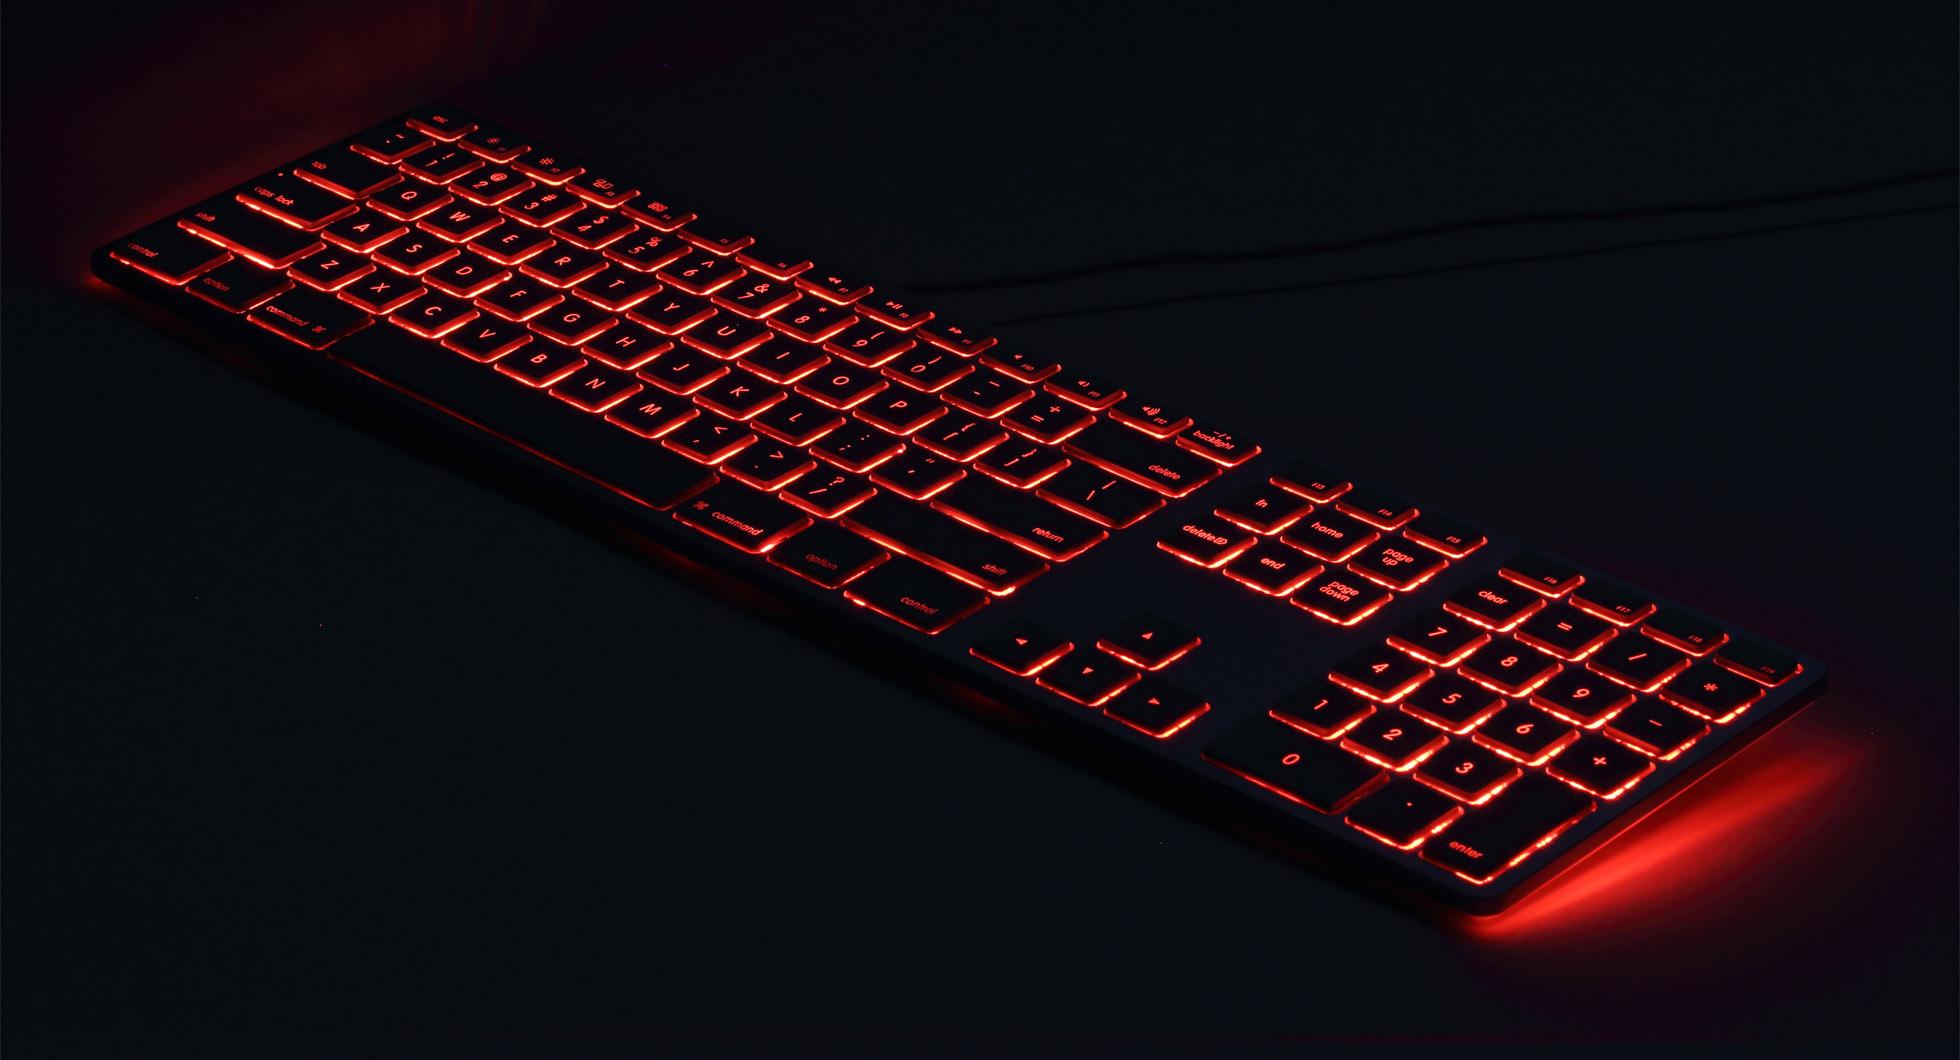 Matias USB toetsenbord - rood